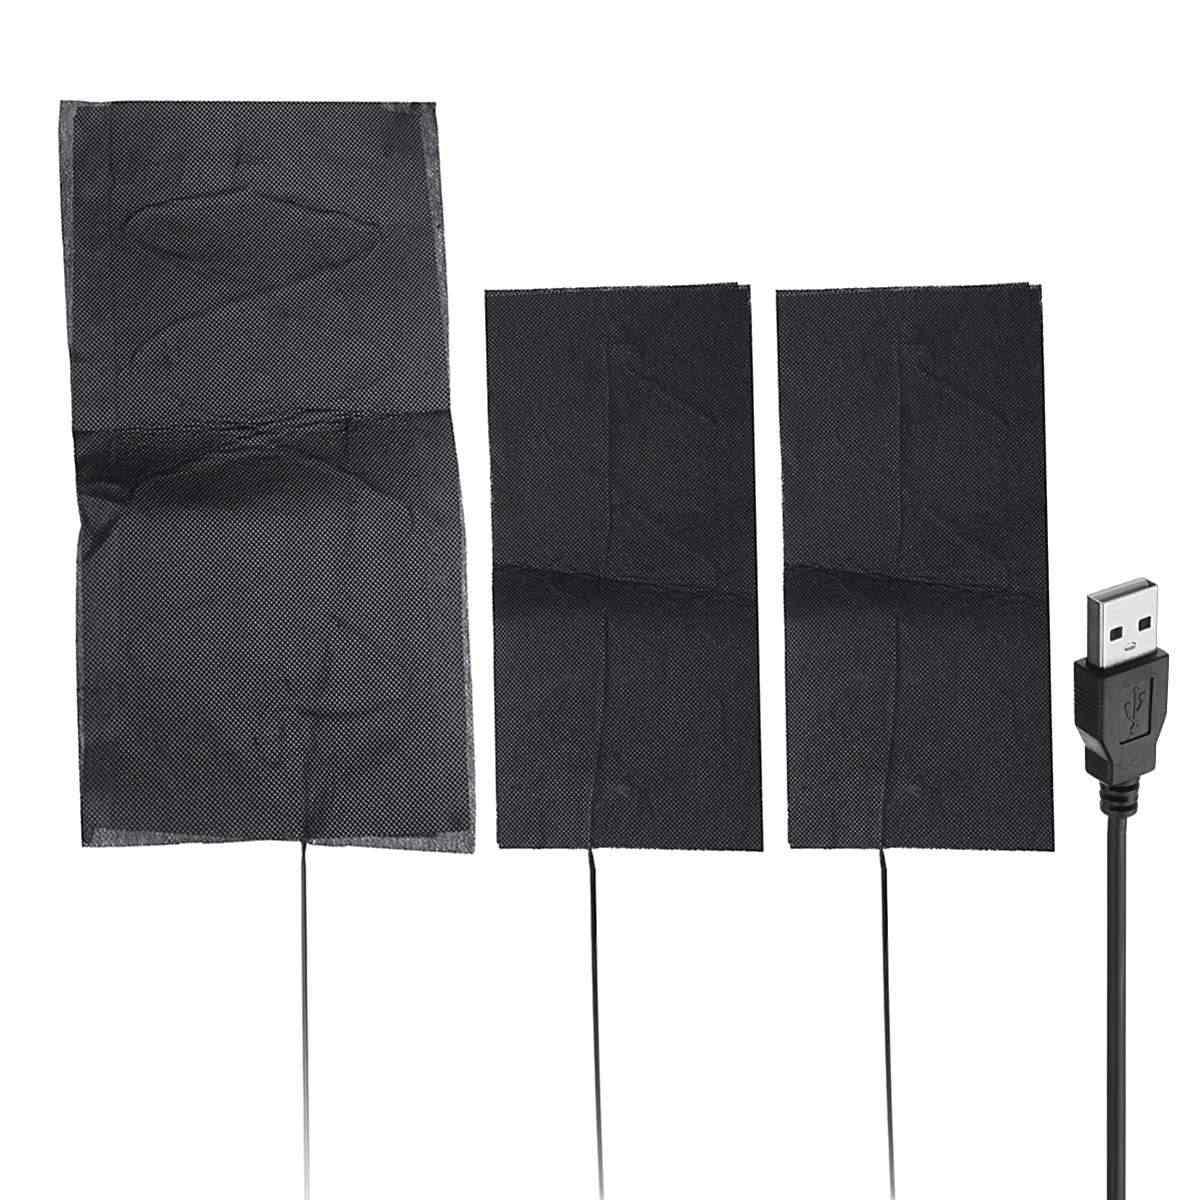 8 шт./компл. Электрический нагревательный коврик Электрический USB куртки одежда грелка водонепроницаемый нагреватель из углеродного волокна для зимнего подогреватель рук